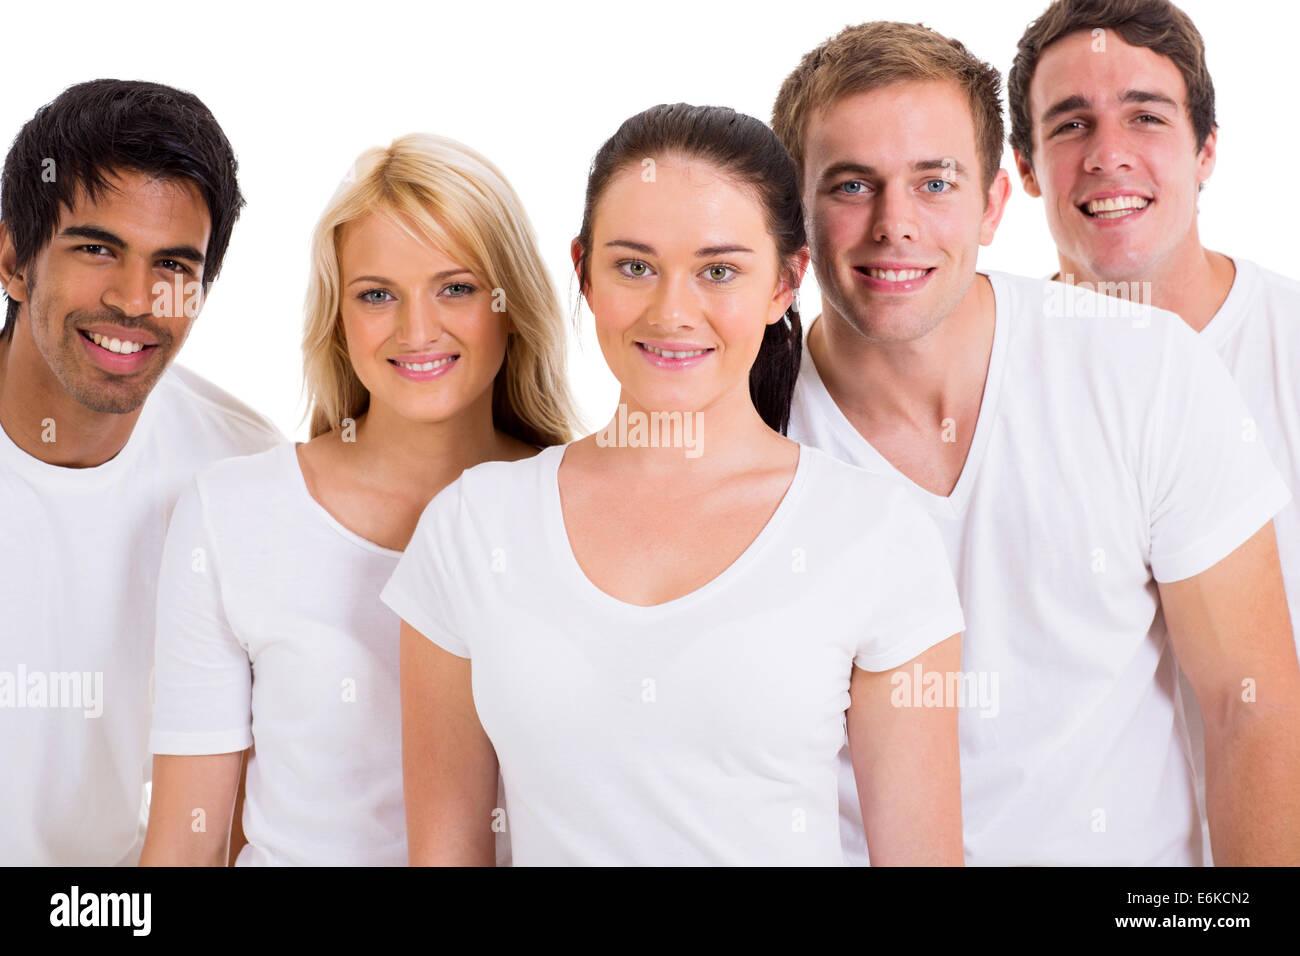 4a459309efc Un grupo de amigos, vistiendo camisetas blancas sobre fondo blanco. Imagen  De Stock